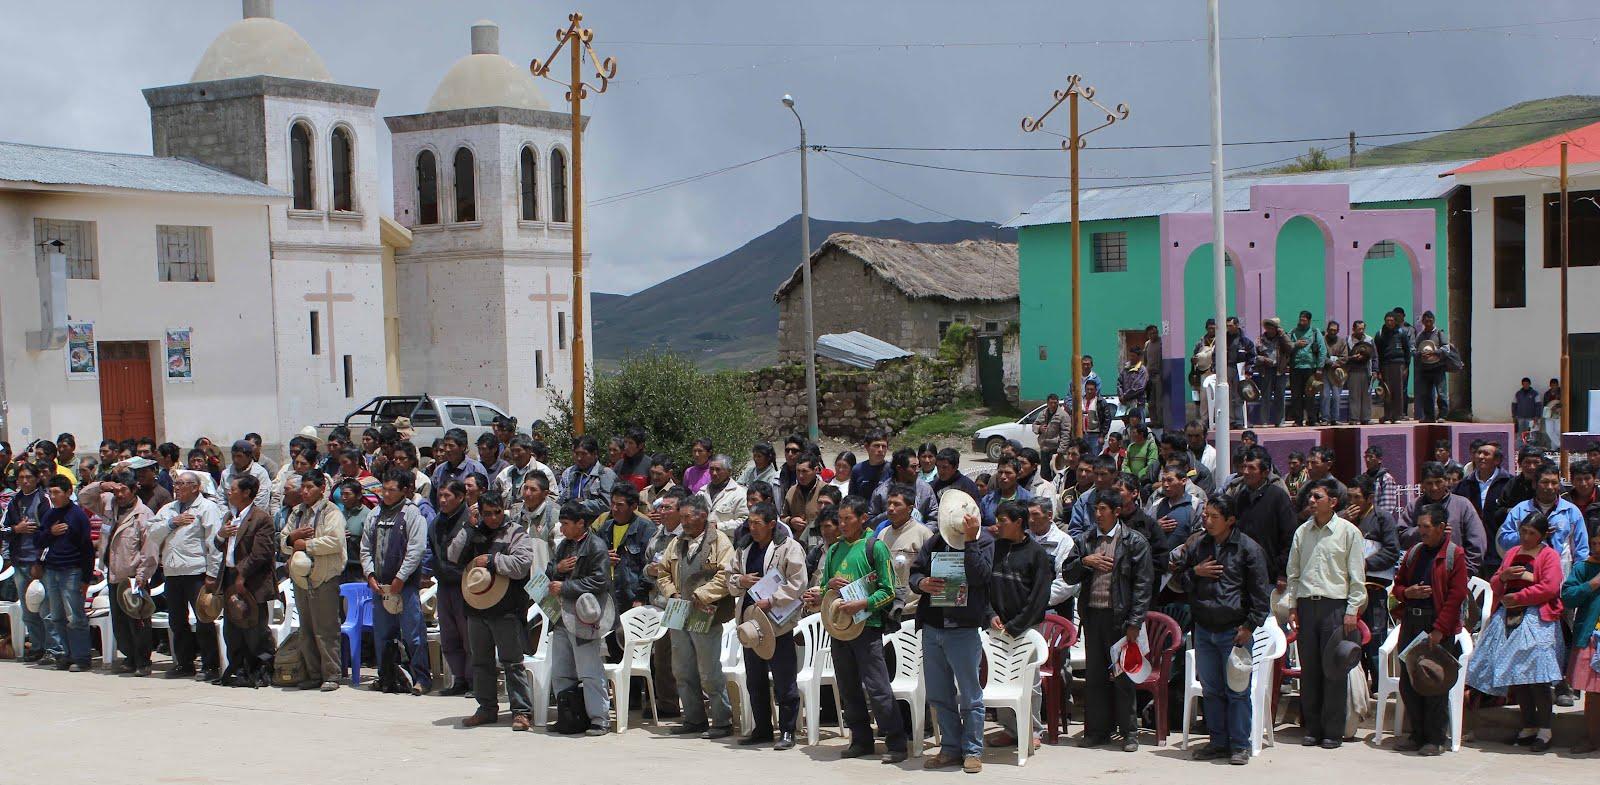 Dirigentes de Chamaca anuncian asamblea popular para este miércoles 25 de enero